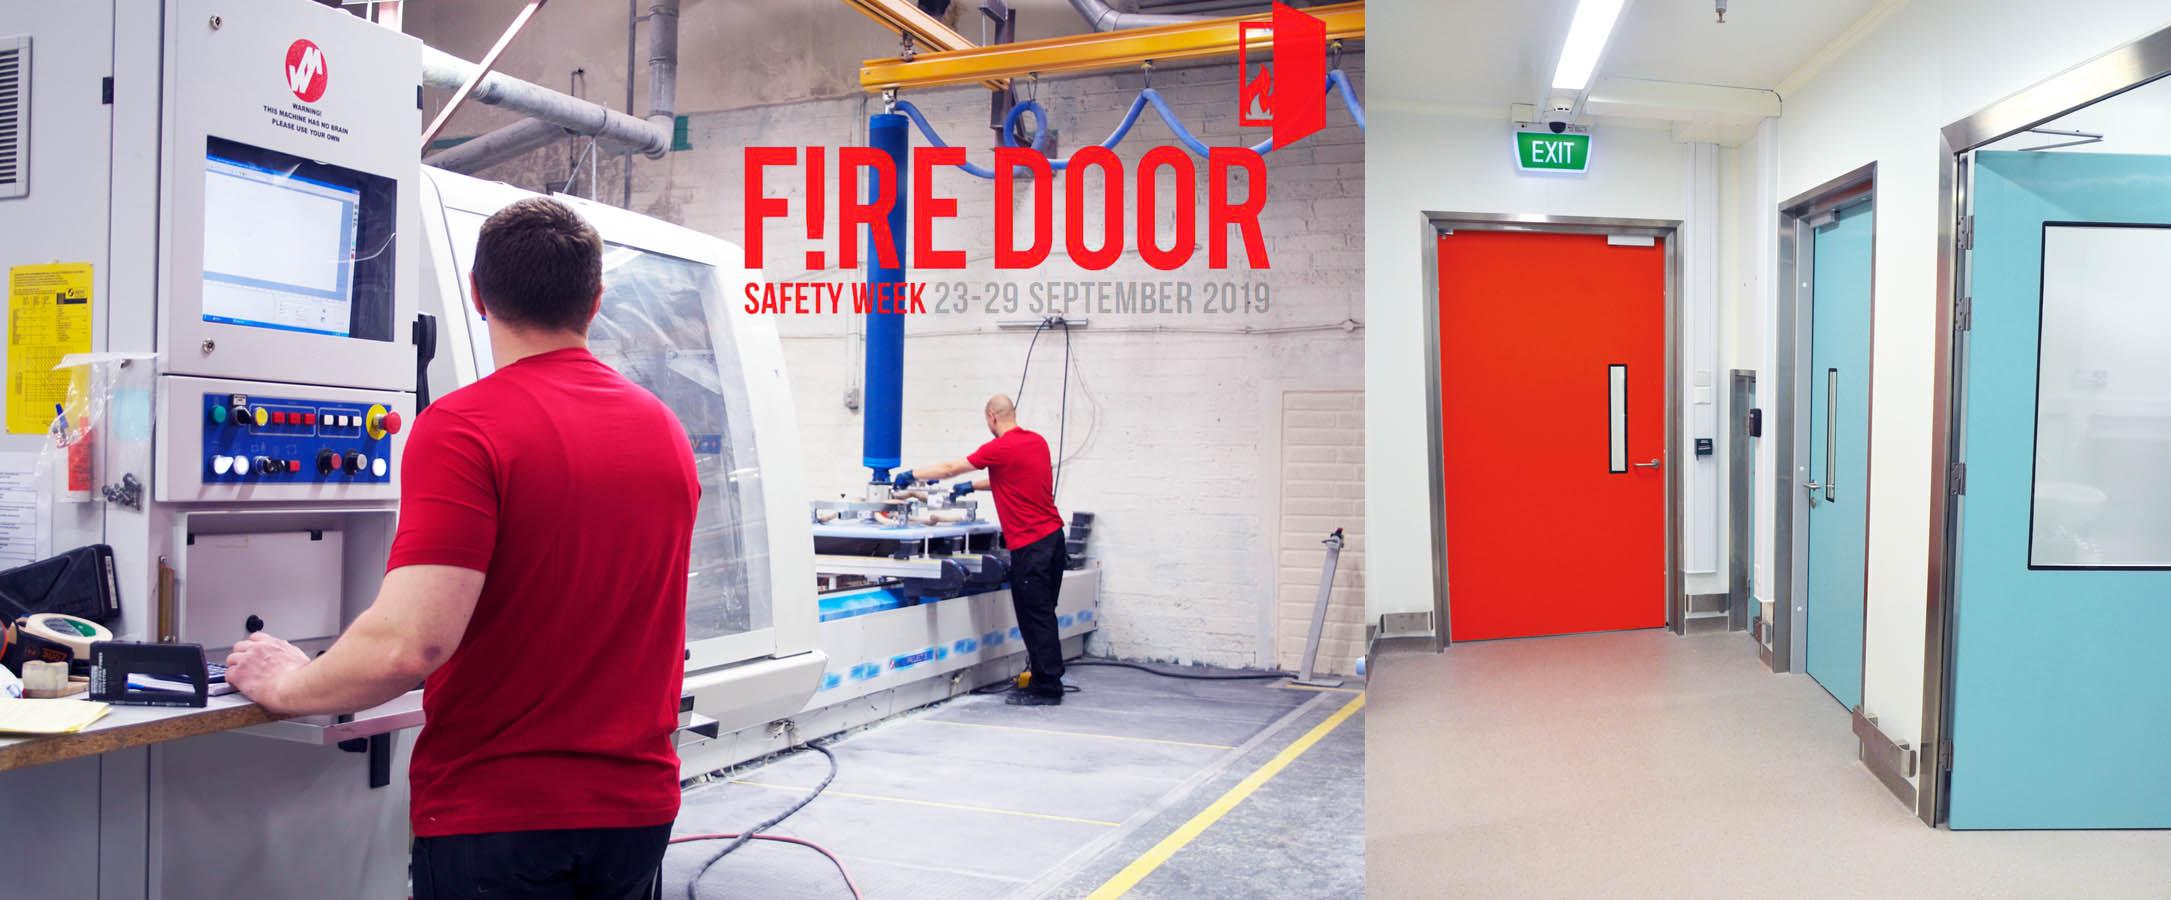 fire door safety week dortek fire doors